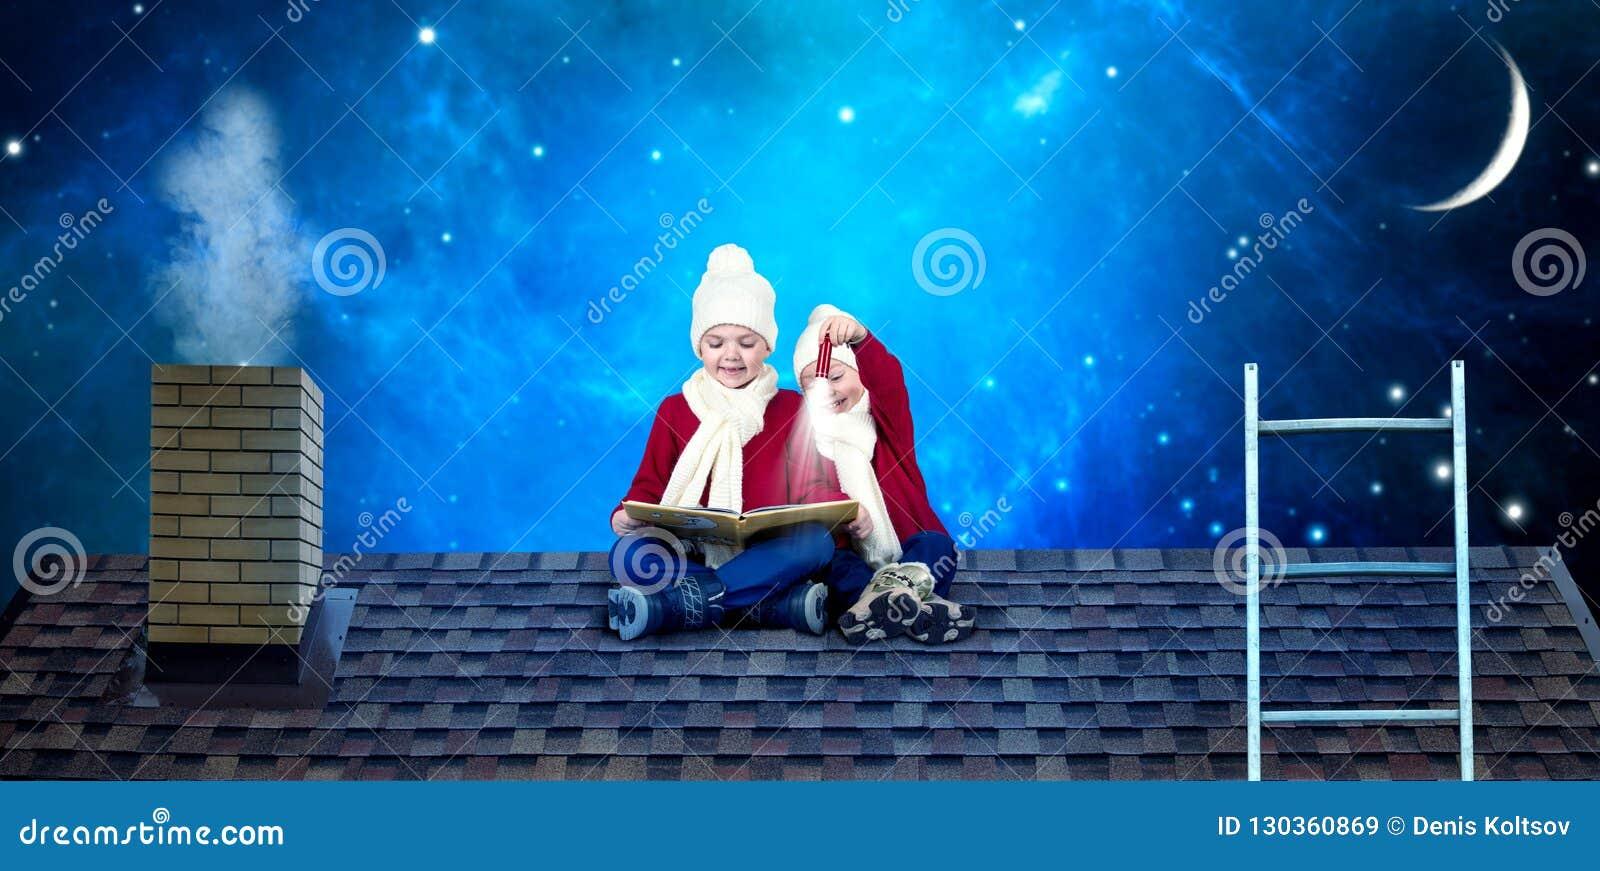 Δύο αδελφοί κάθονται στη νύχτα Χριστουγέννων στη στέγη και διαβάζουν ένα βιβλίο με τα παραμύθια Σε αναμονή για τα θαύματα Χριστου